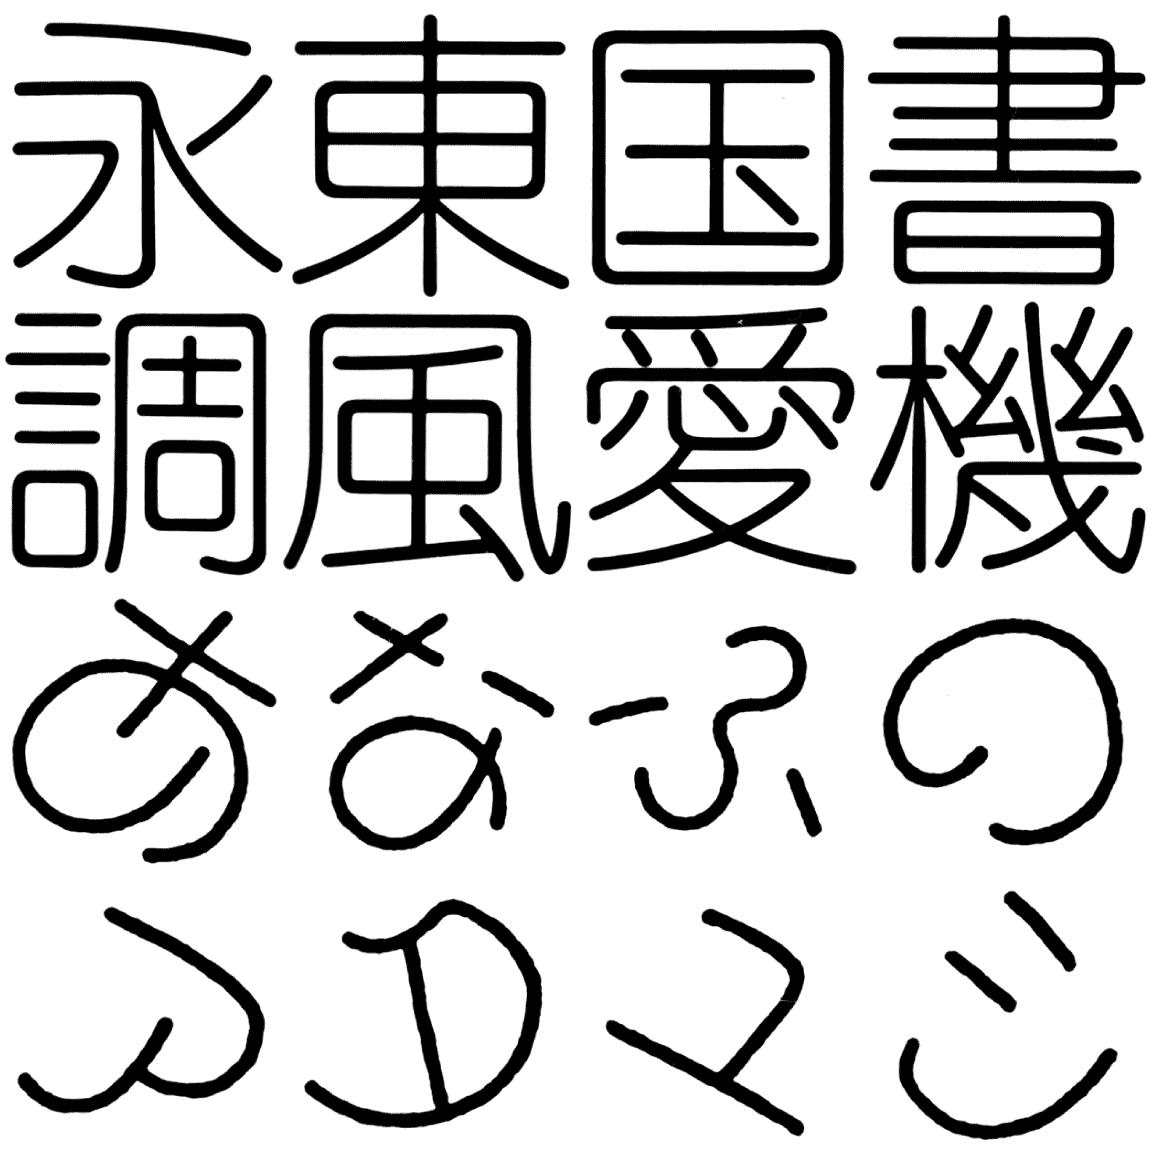 ノリール L LNLR 字形見本